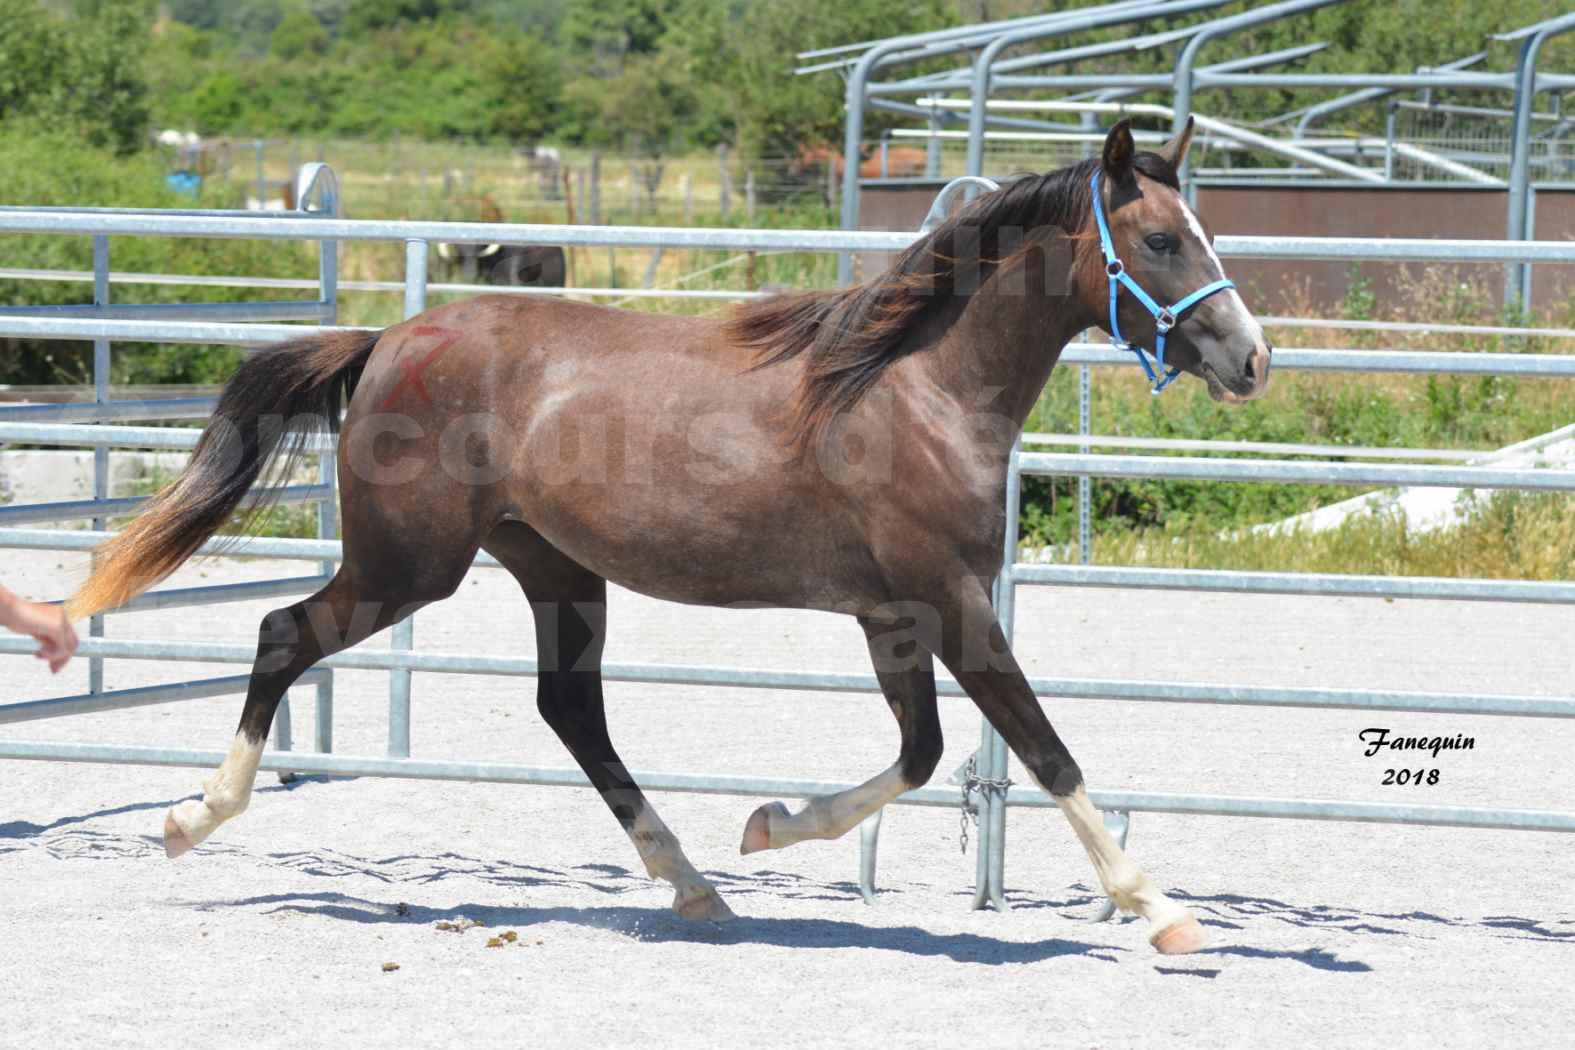 Concours d'Elevage de chevaux Arabes  le 27 juin 2018 à la BOISSIERE - GALICIA D'ALAUZE - 02